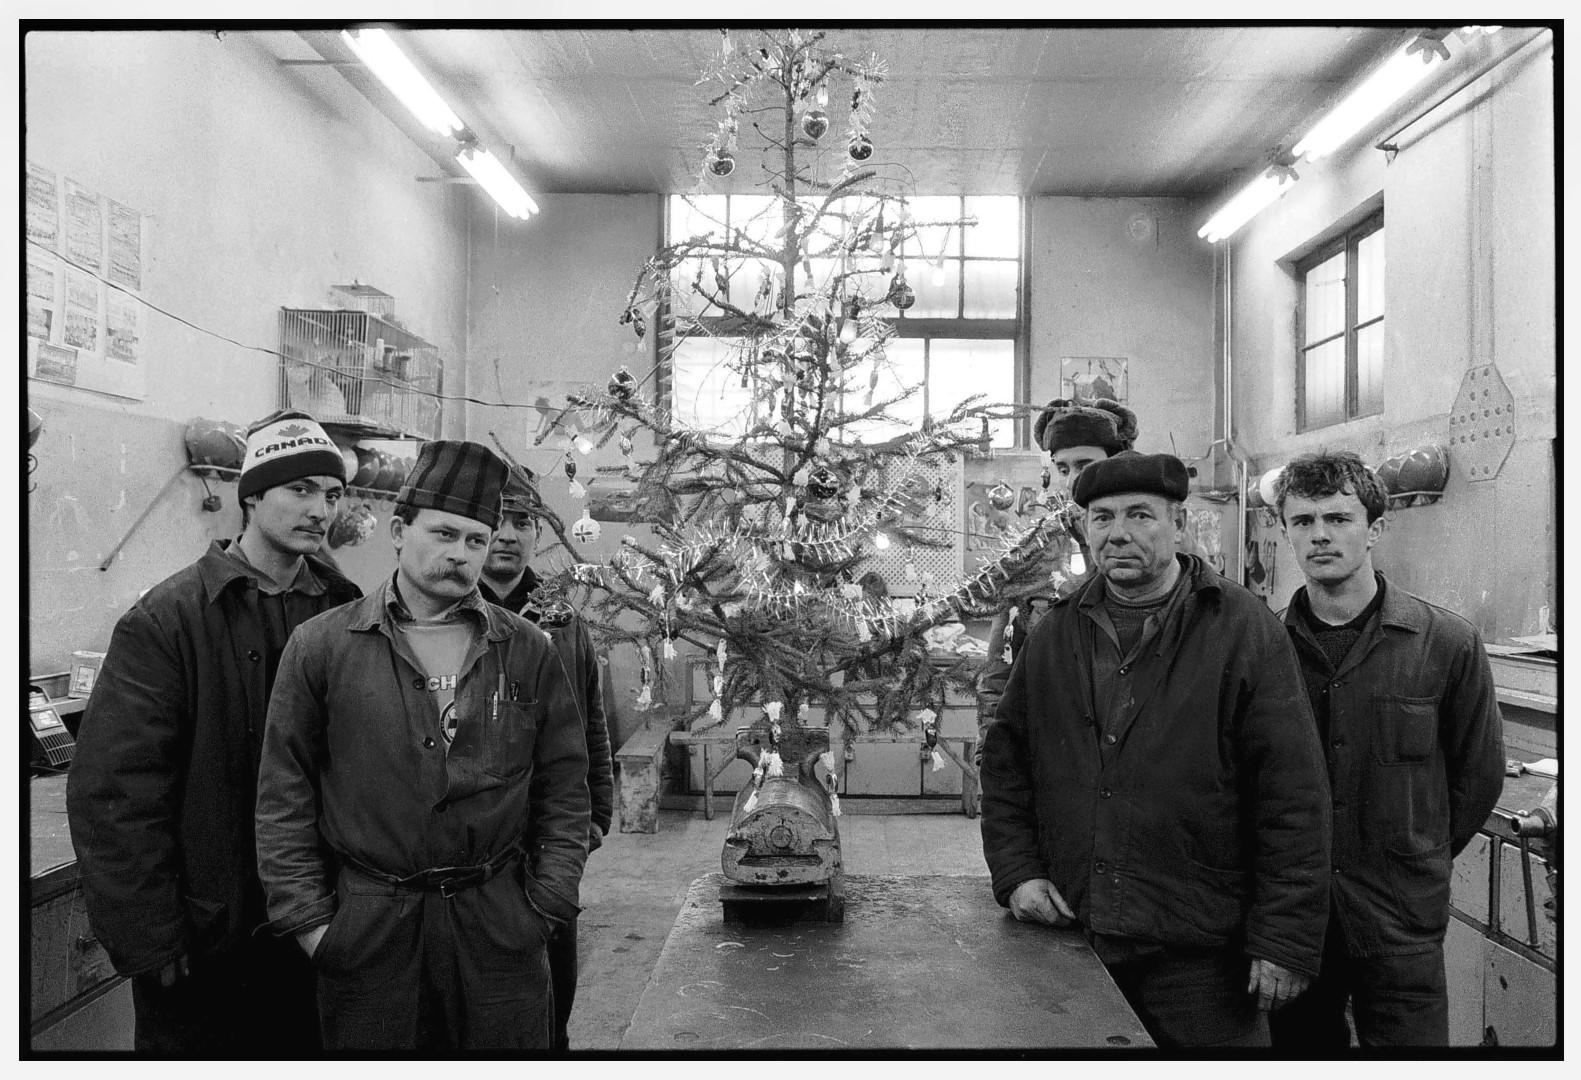 Fotó: Benkő Imre, Csőszerelő műhely, Ózd I Plumber's Workshop, Ózd, Hungary, 1989 © Benkő Imre